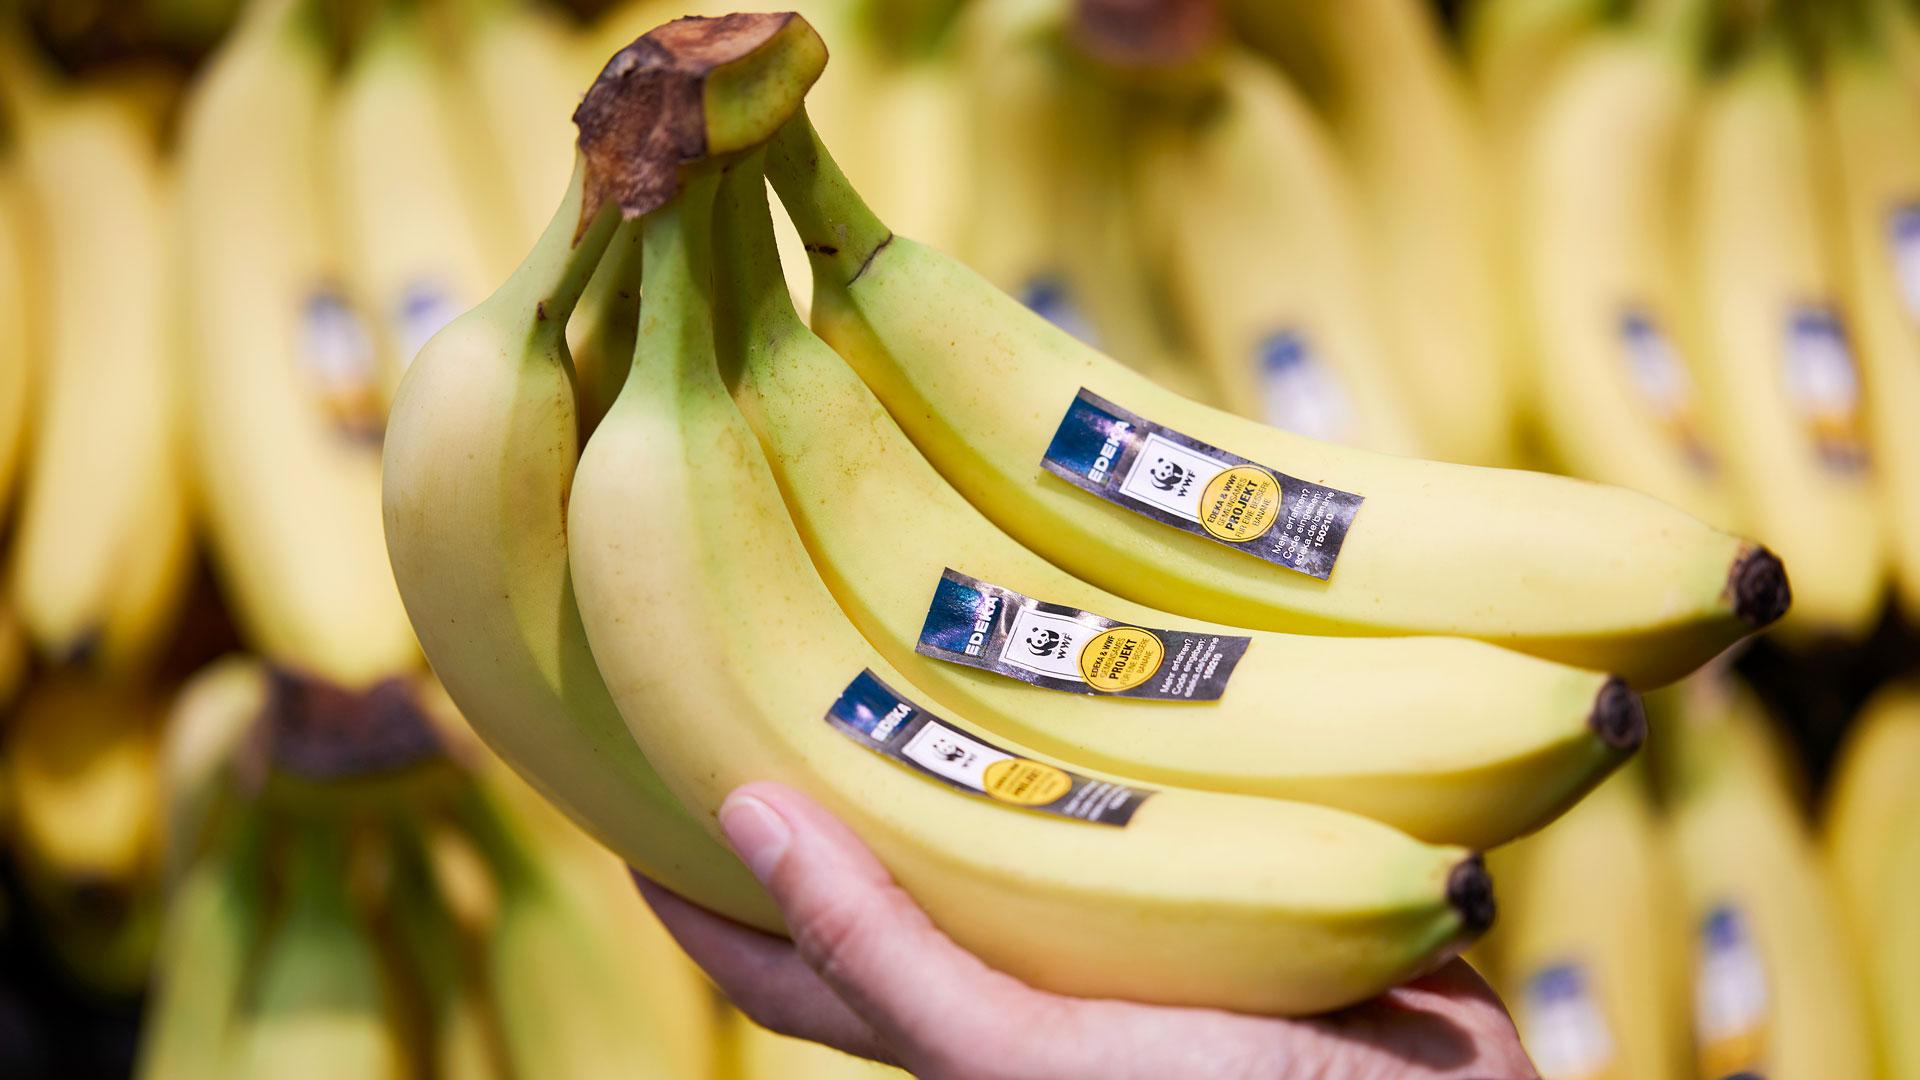 Bananen mit WWF Aufkleber im Edeka Supermarkt